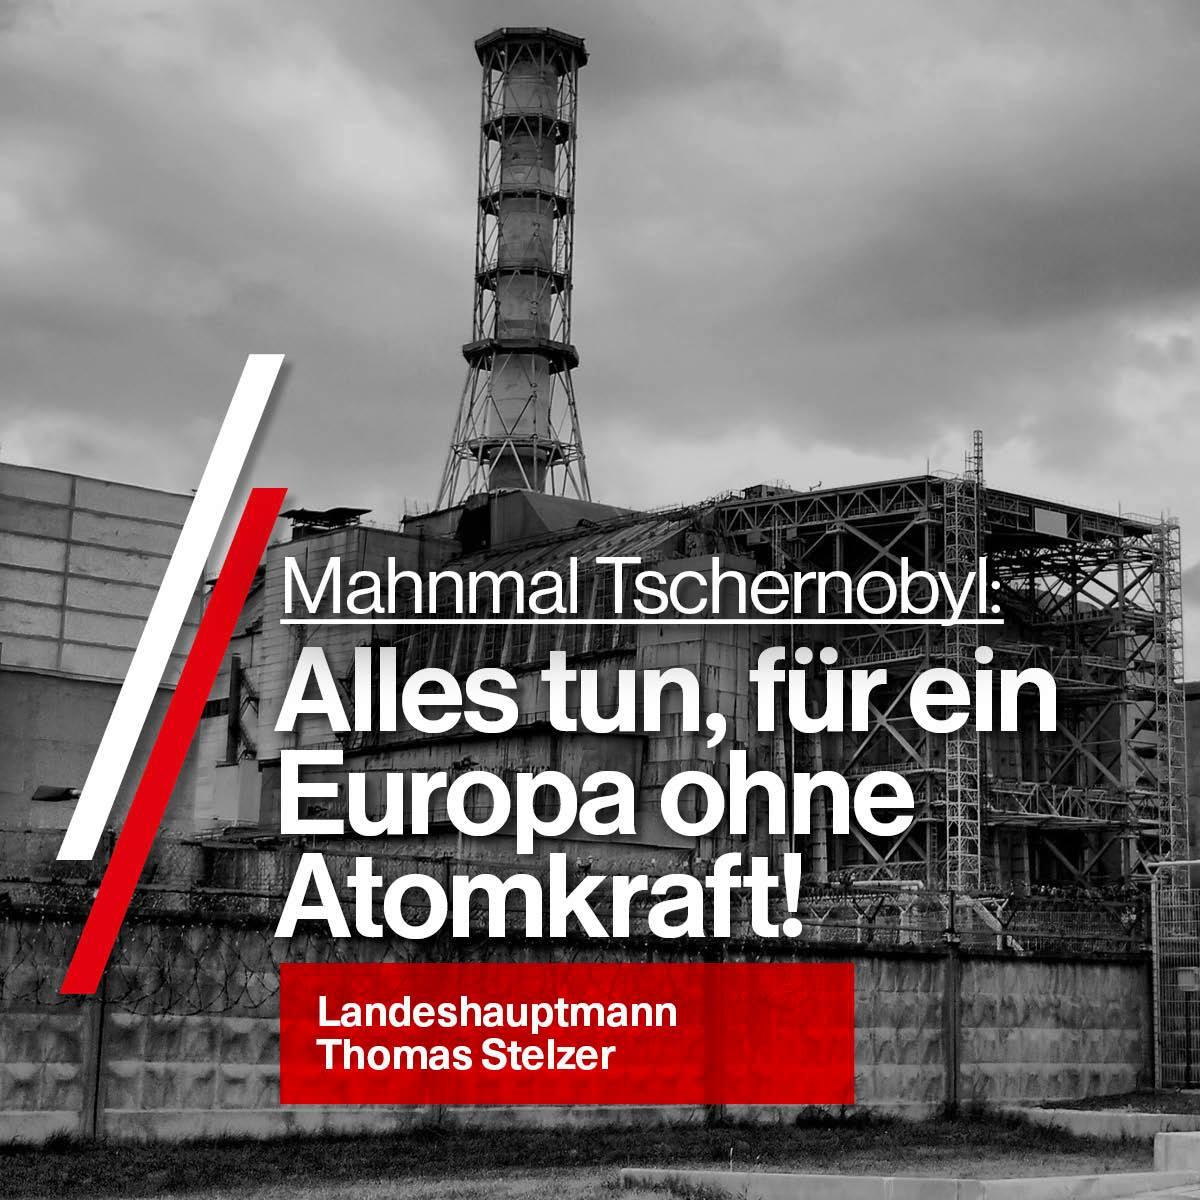 Atomkraft darf in Europa keine Zukunft haben!